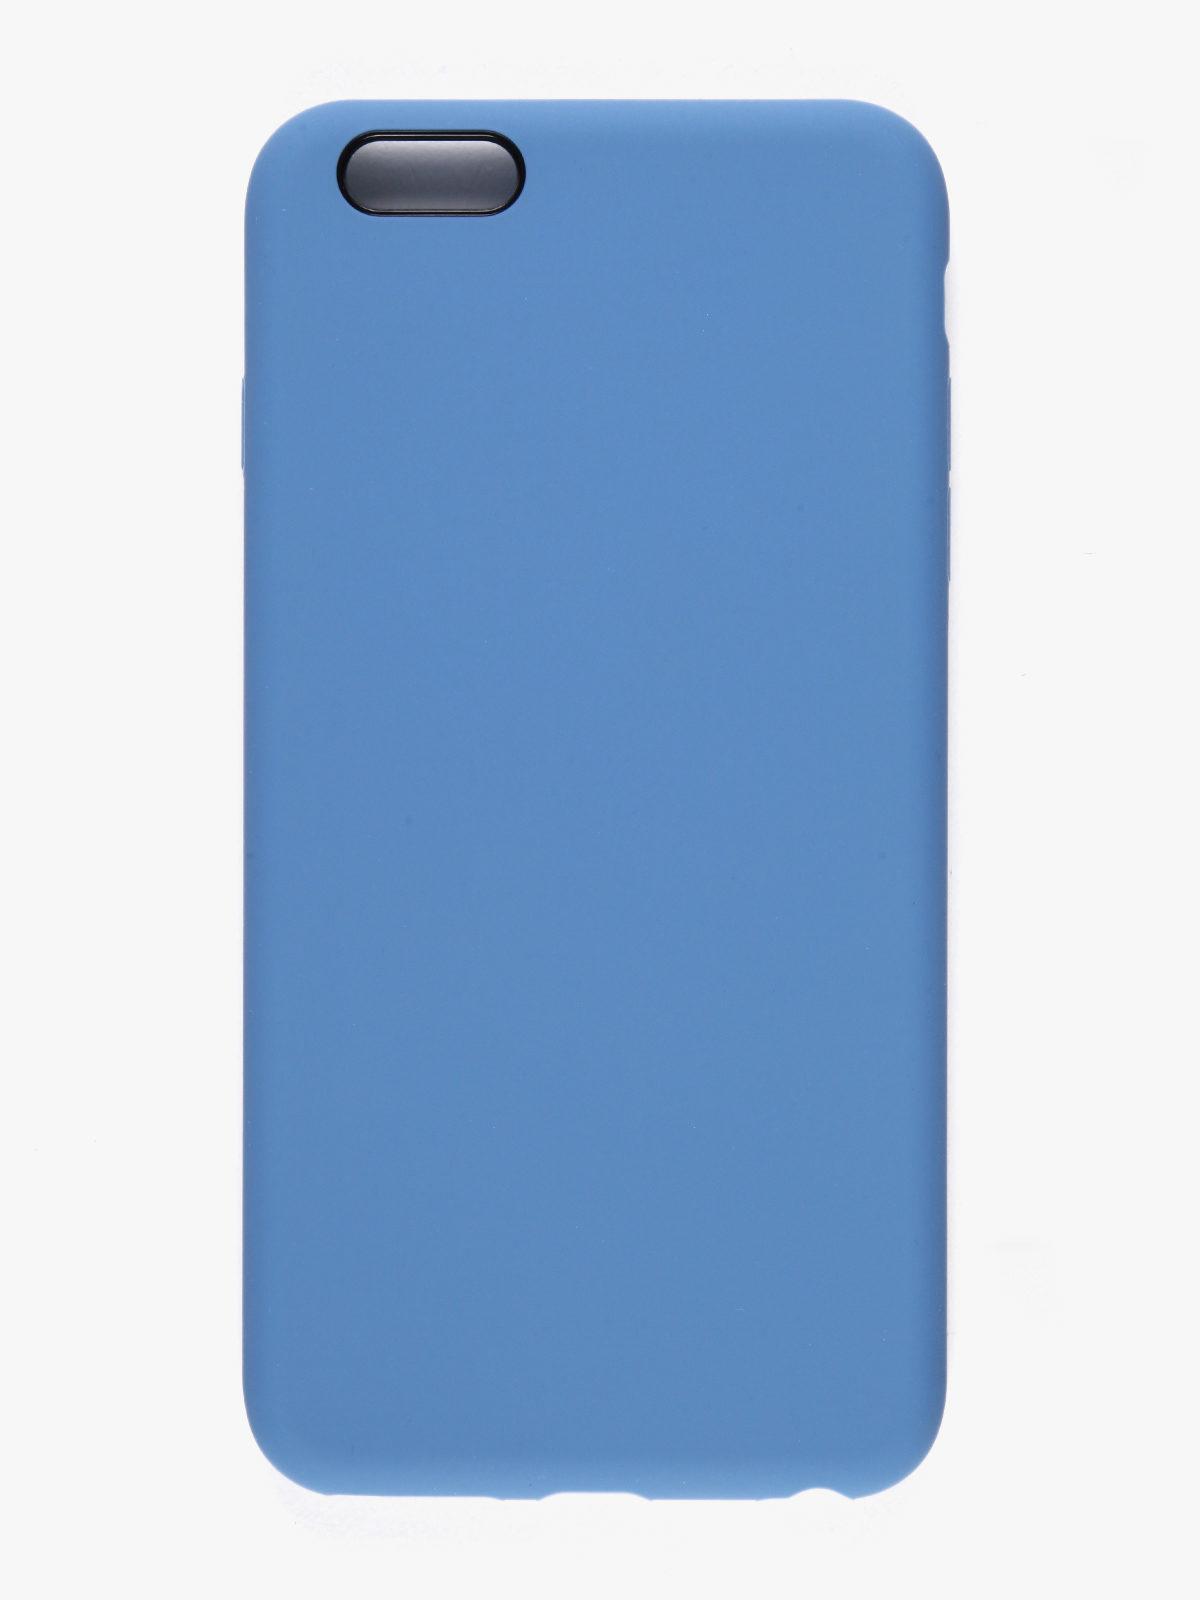 Siipro Cover in silicone per iphone 6/6S PLUS: Accessori Tech e Audio